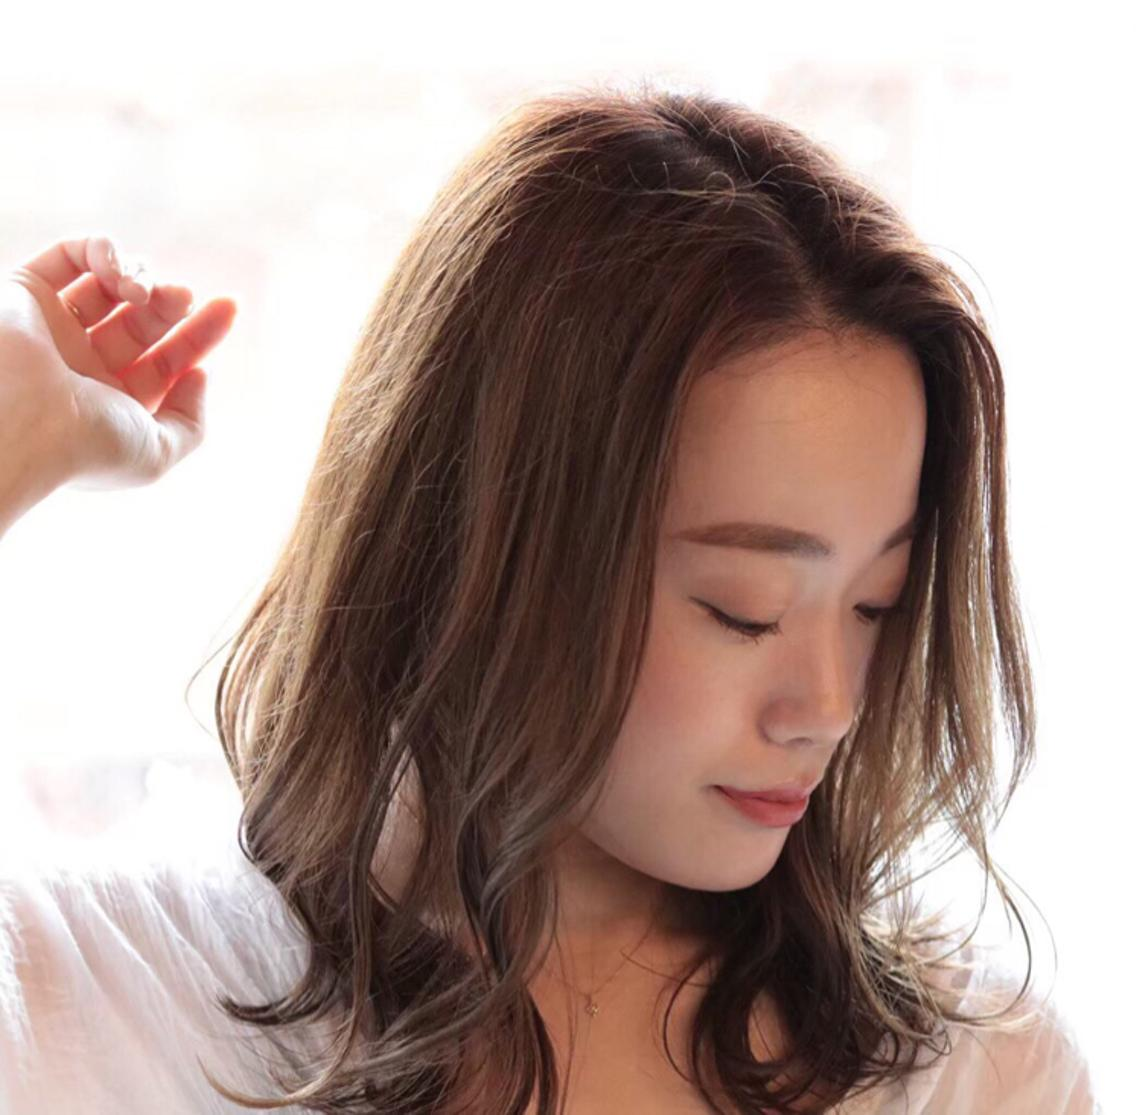 美容室selma所属・メンズカット 大特価の掲載